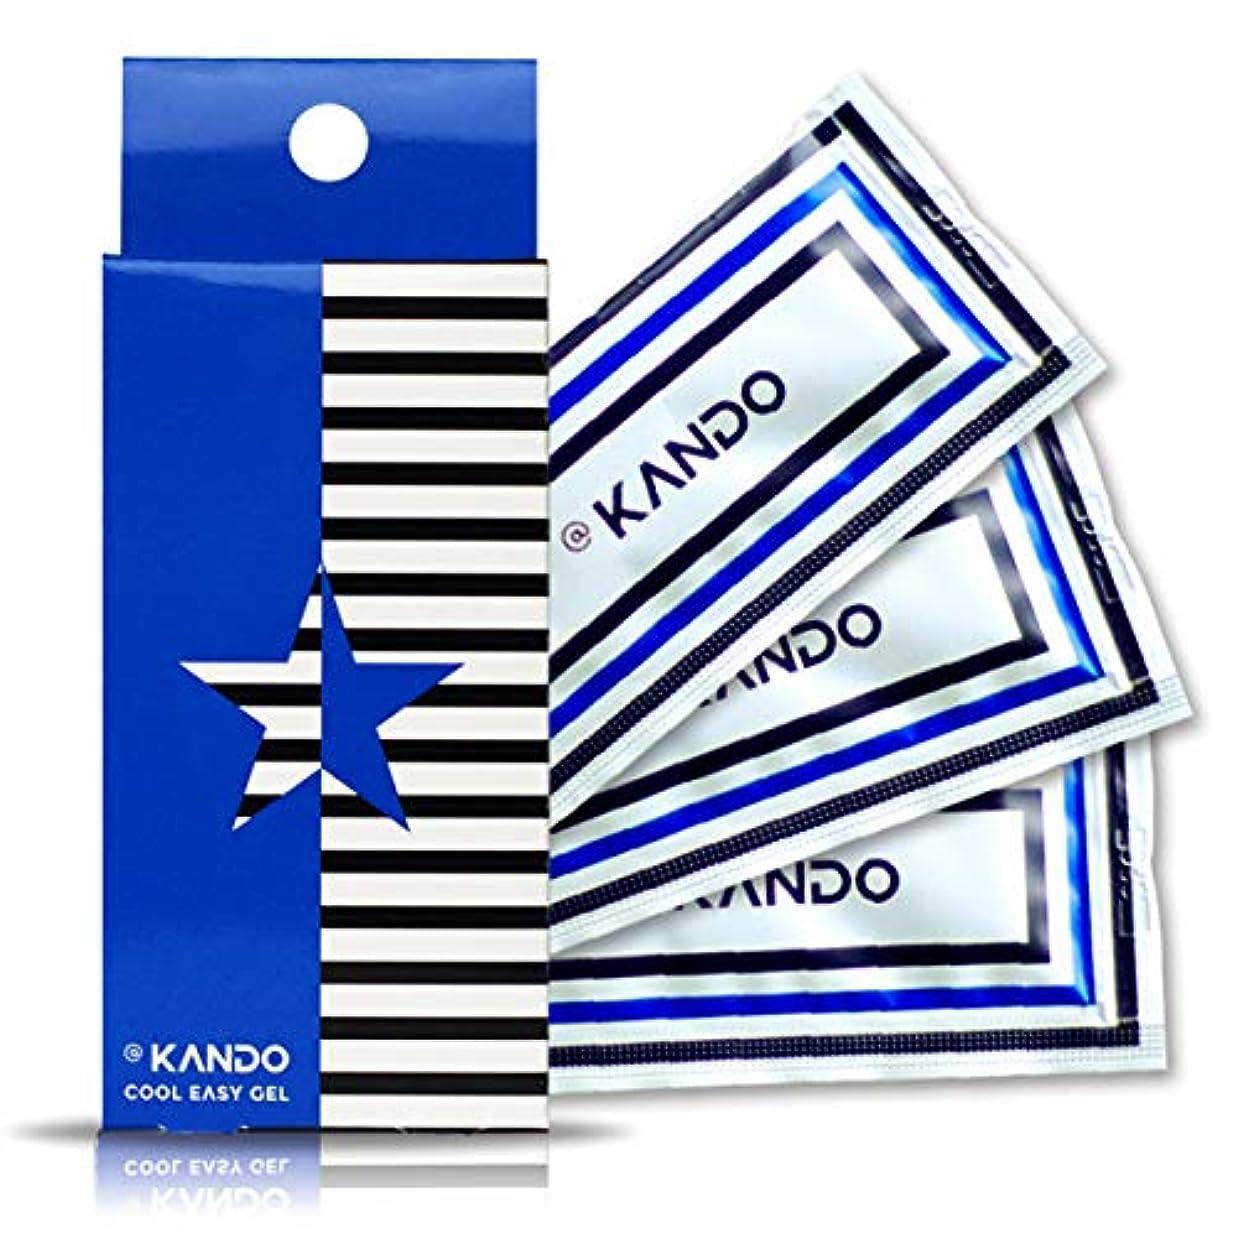 ひいきにするだらしない月曜日@KANDO アットカンドクールイージージェル(ボディマッサージジェル)5g×3包入 冷感タイプ